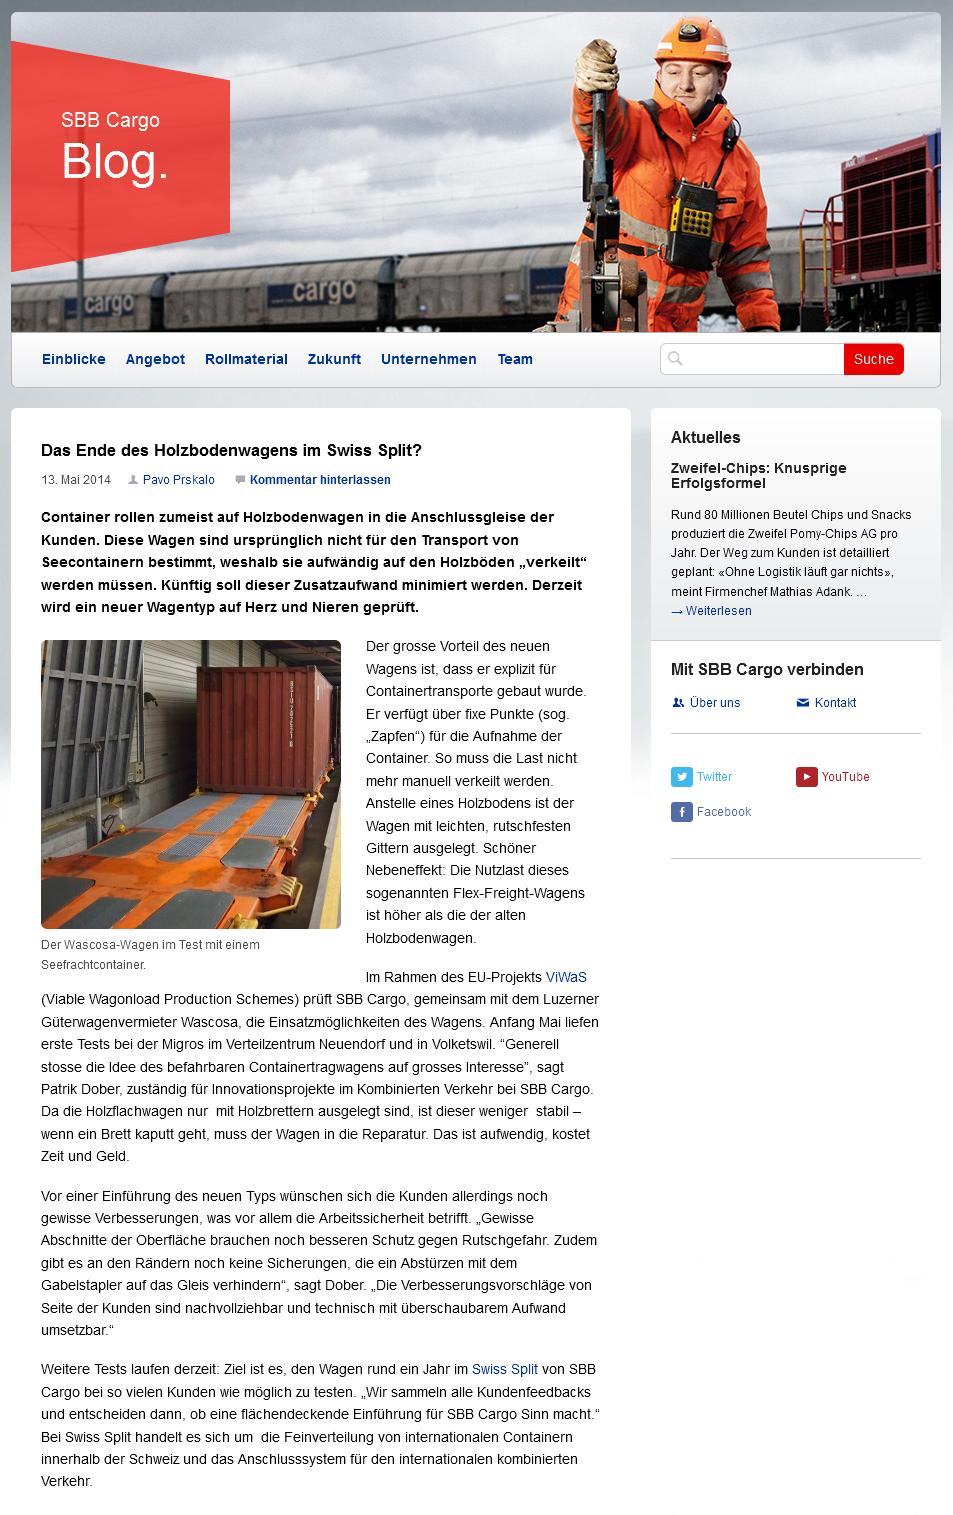 © SBB Cargo; http://blog.sbbcargo.com/11880/das-ende-des-holzbodenwagens-im-swiss-split-2/